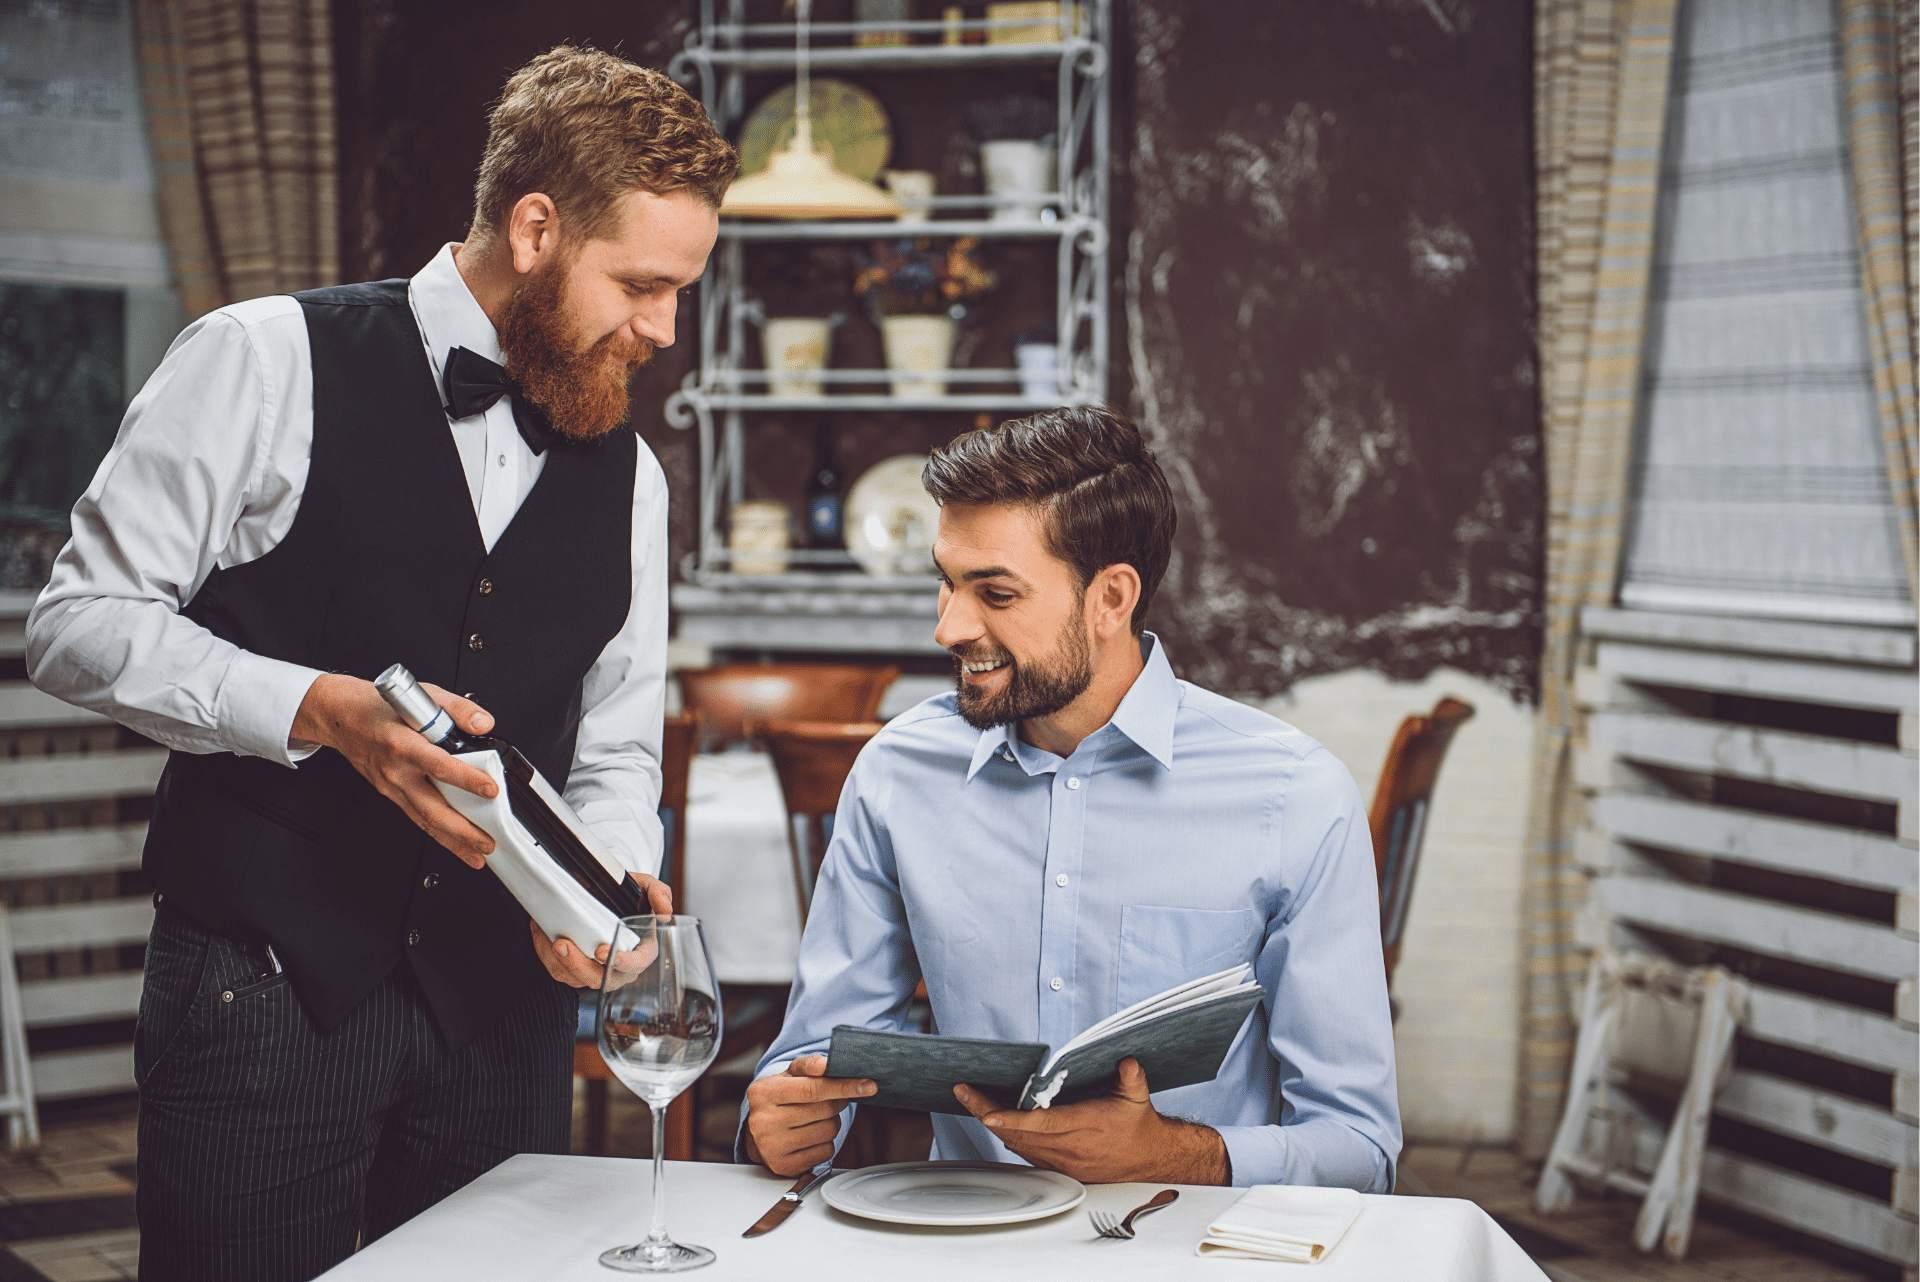 camarero-enseñando-botella-de-vino-a-cliente